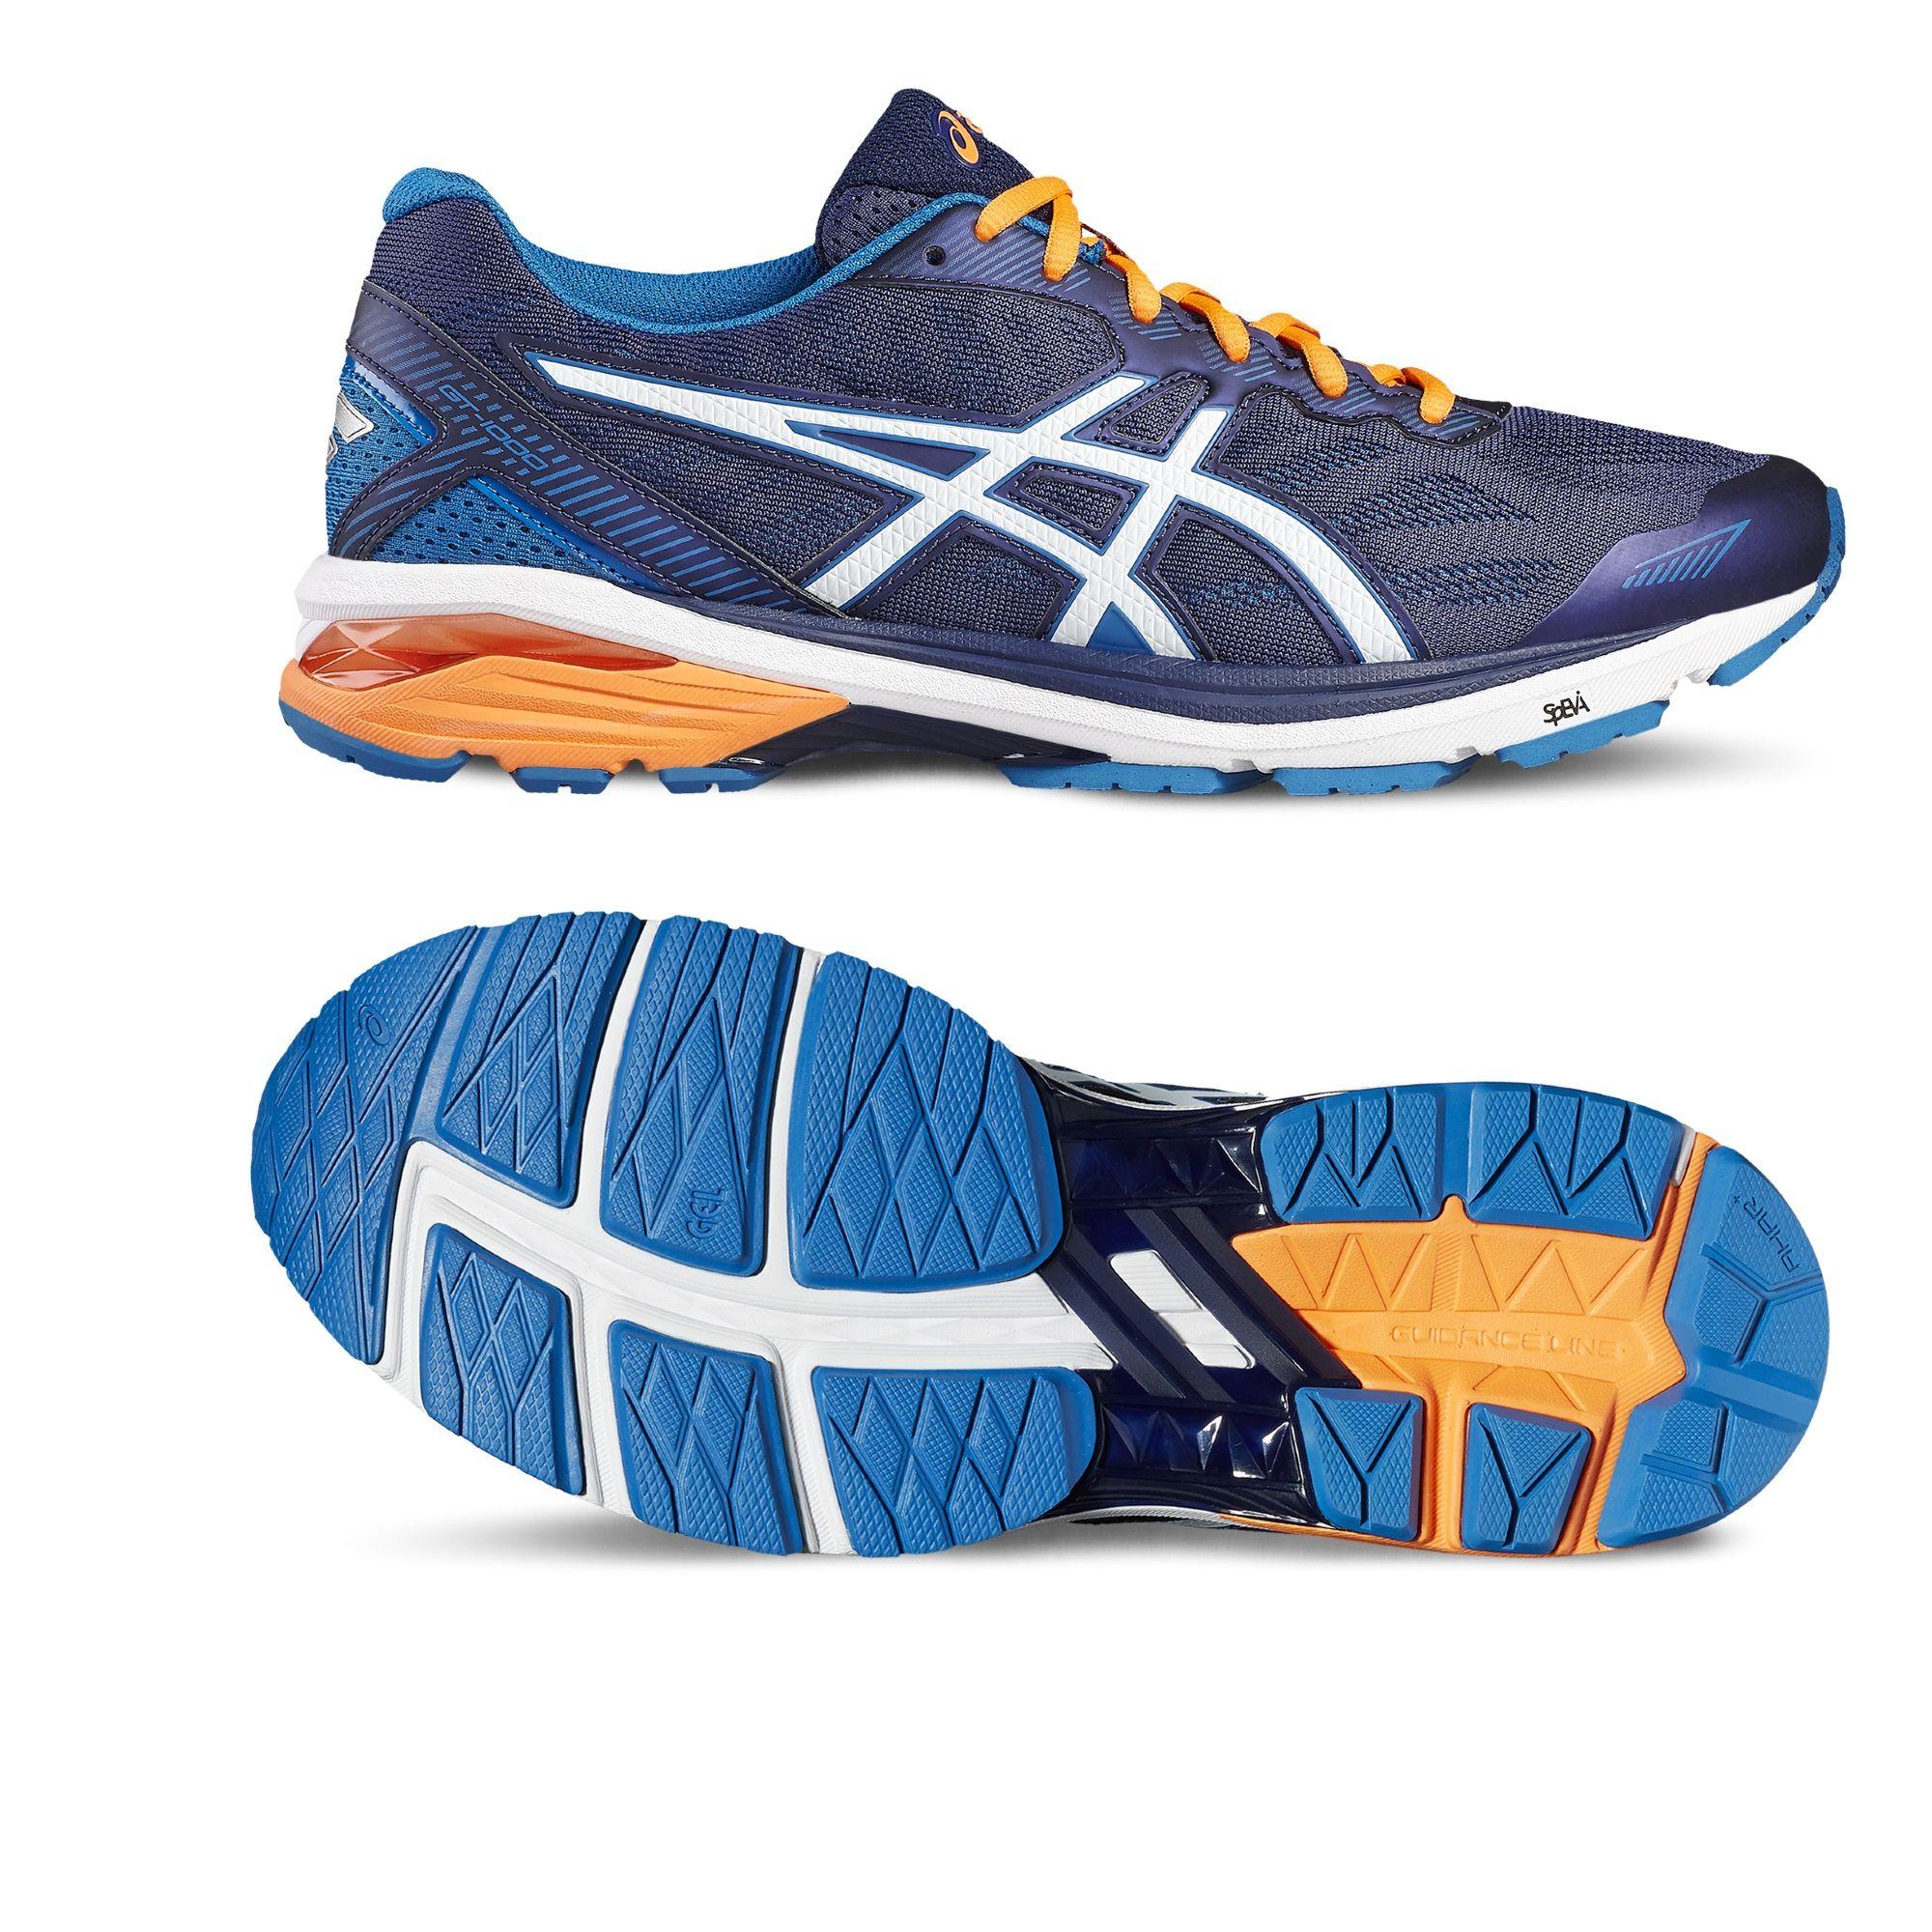 asics gt 1000 5 mens running shoes. Black Bedroom Furniture Sets. Home Design Ideas